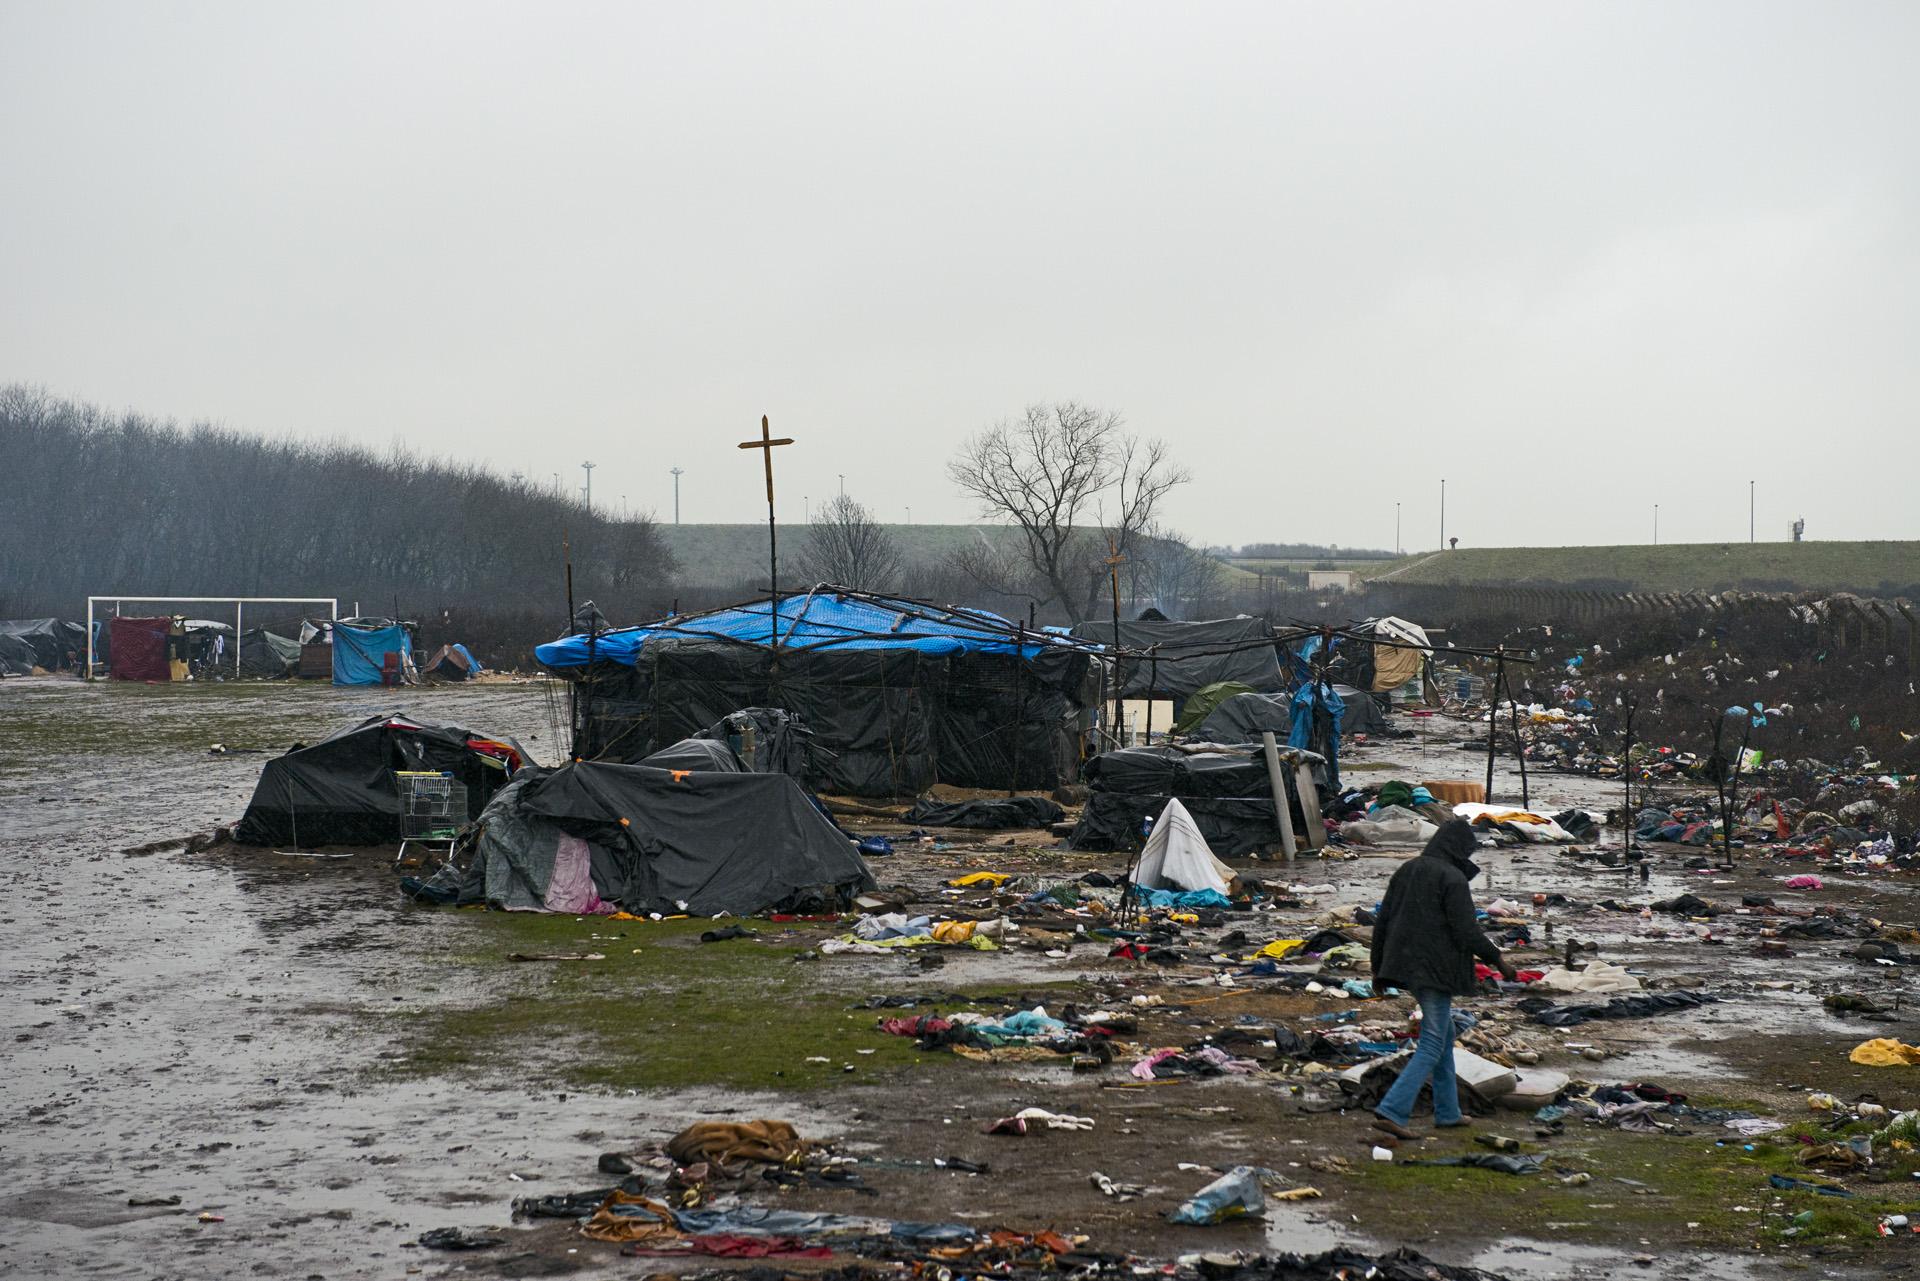 En dehors de «la jungle» les migrants s'entassent également sur le terrain d'un ancien gymnase à Tioxide. Aucune disposition n'est prévue pour le stockage et le ramassage des ordures qui s'amoncellent au milieu du camp sur lequel a été construit une église.